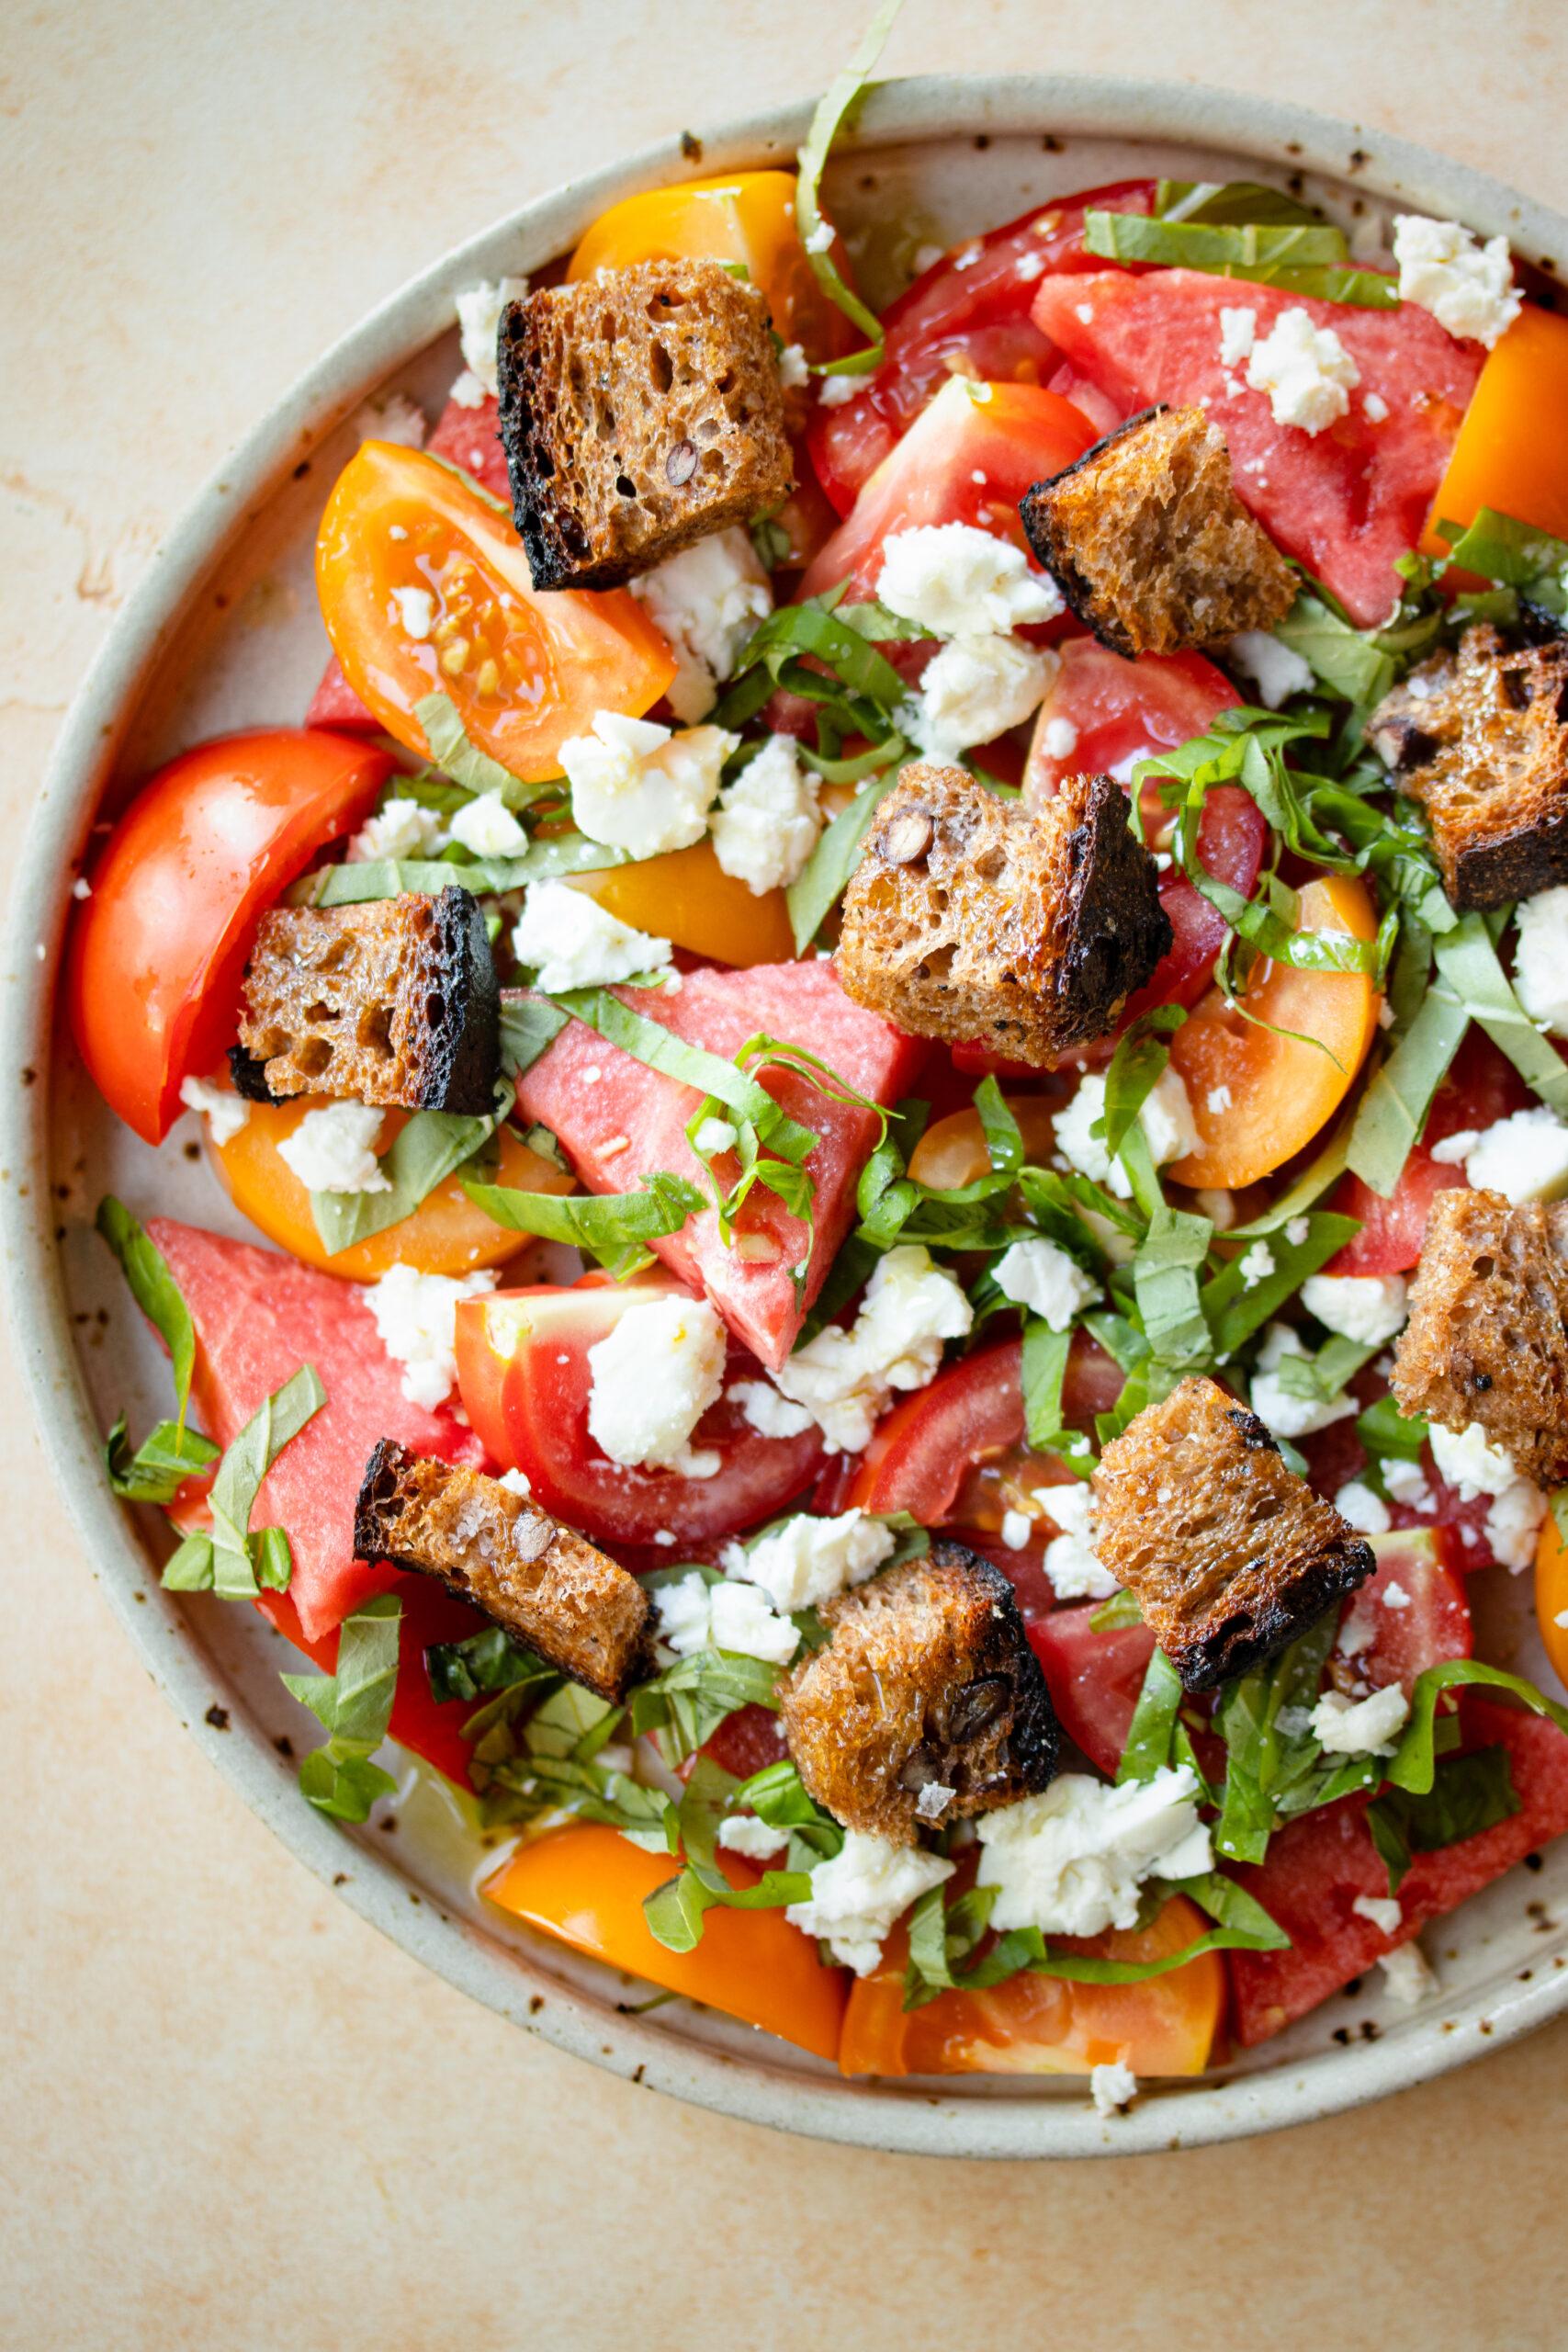 Watermelon, Tomato & Feta Panzanella Salad